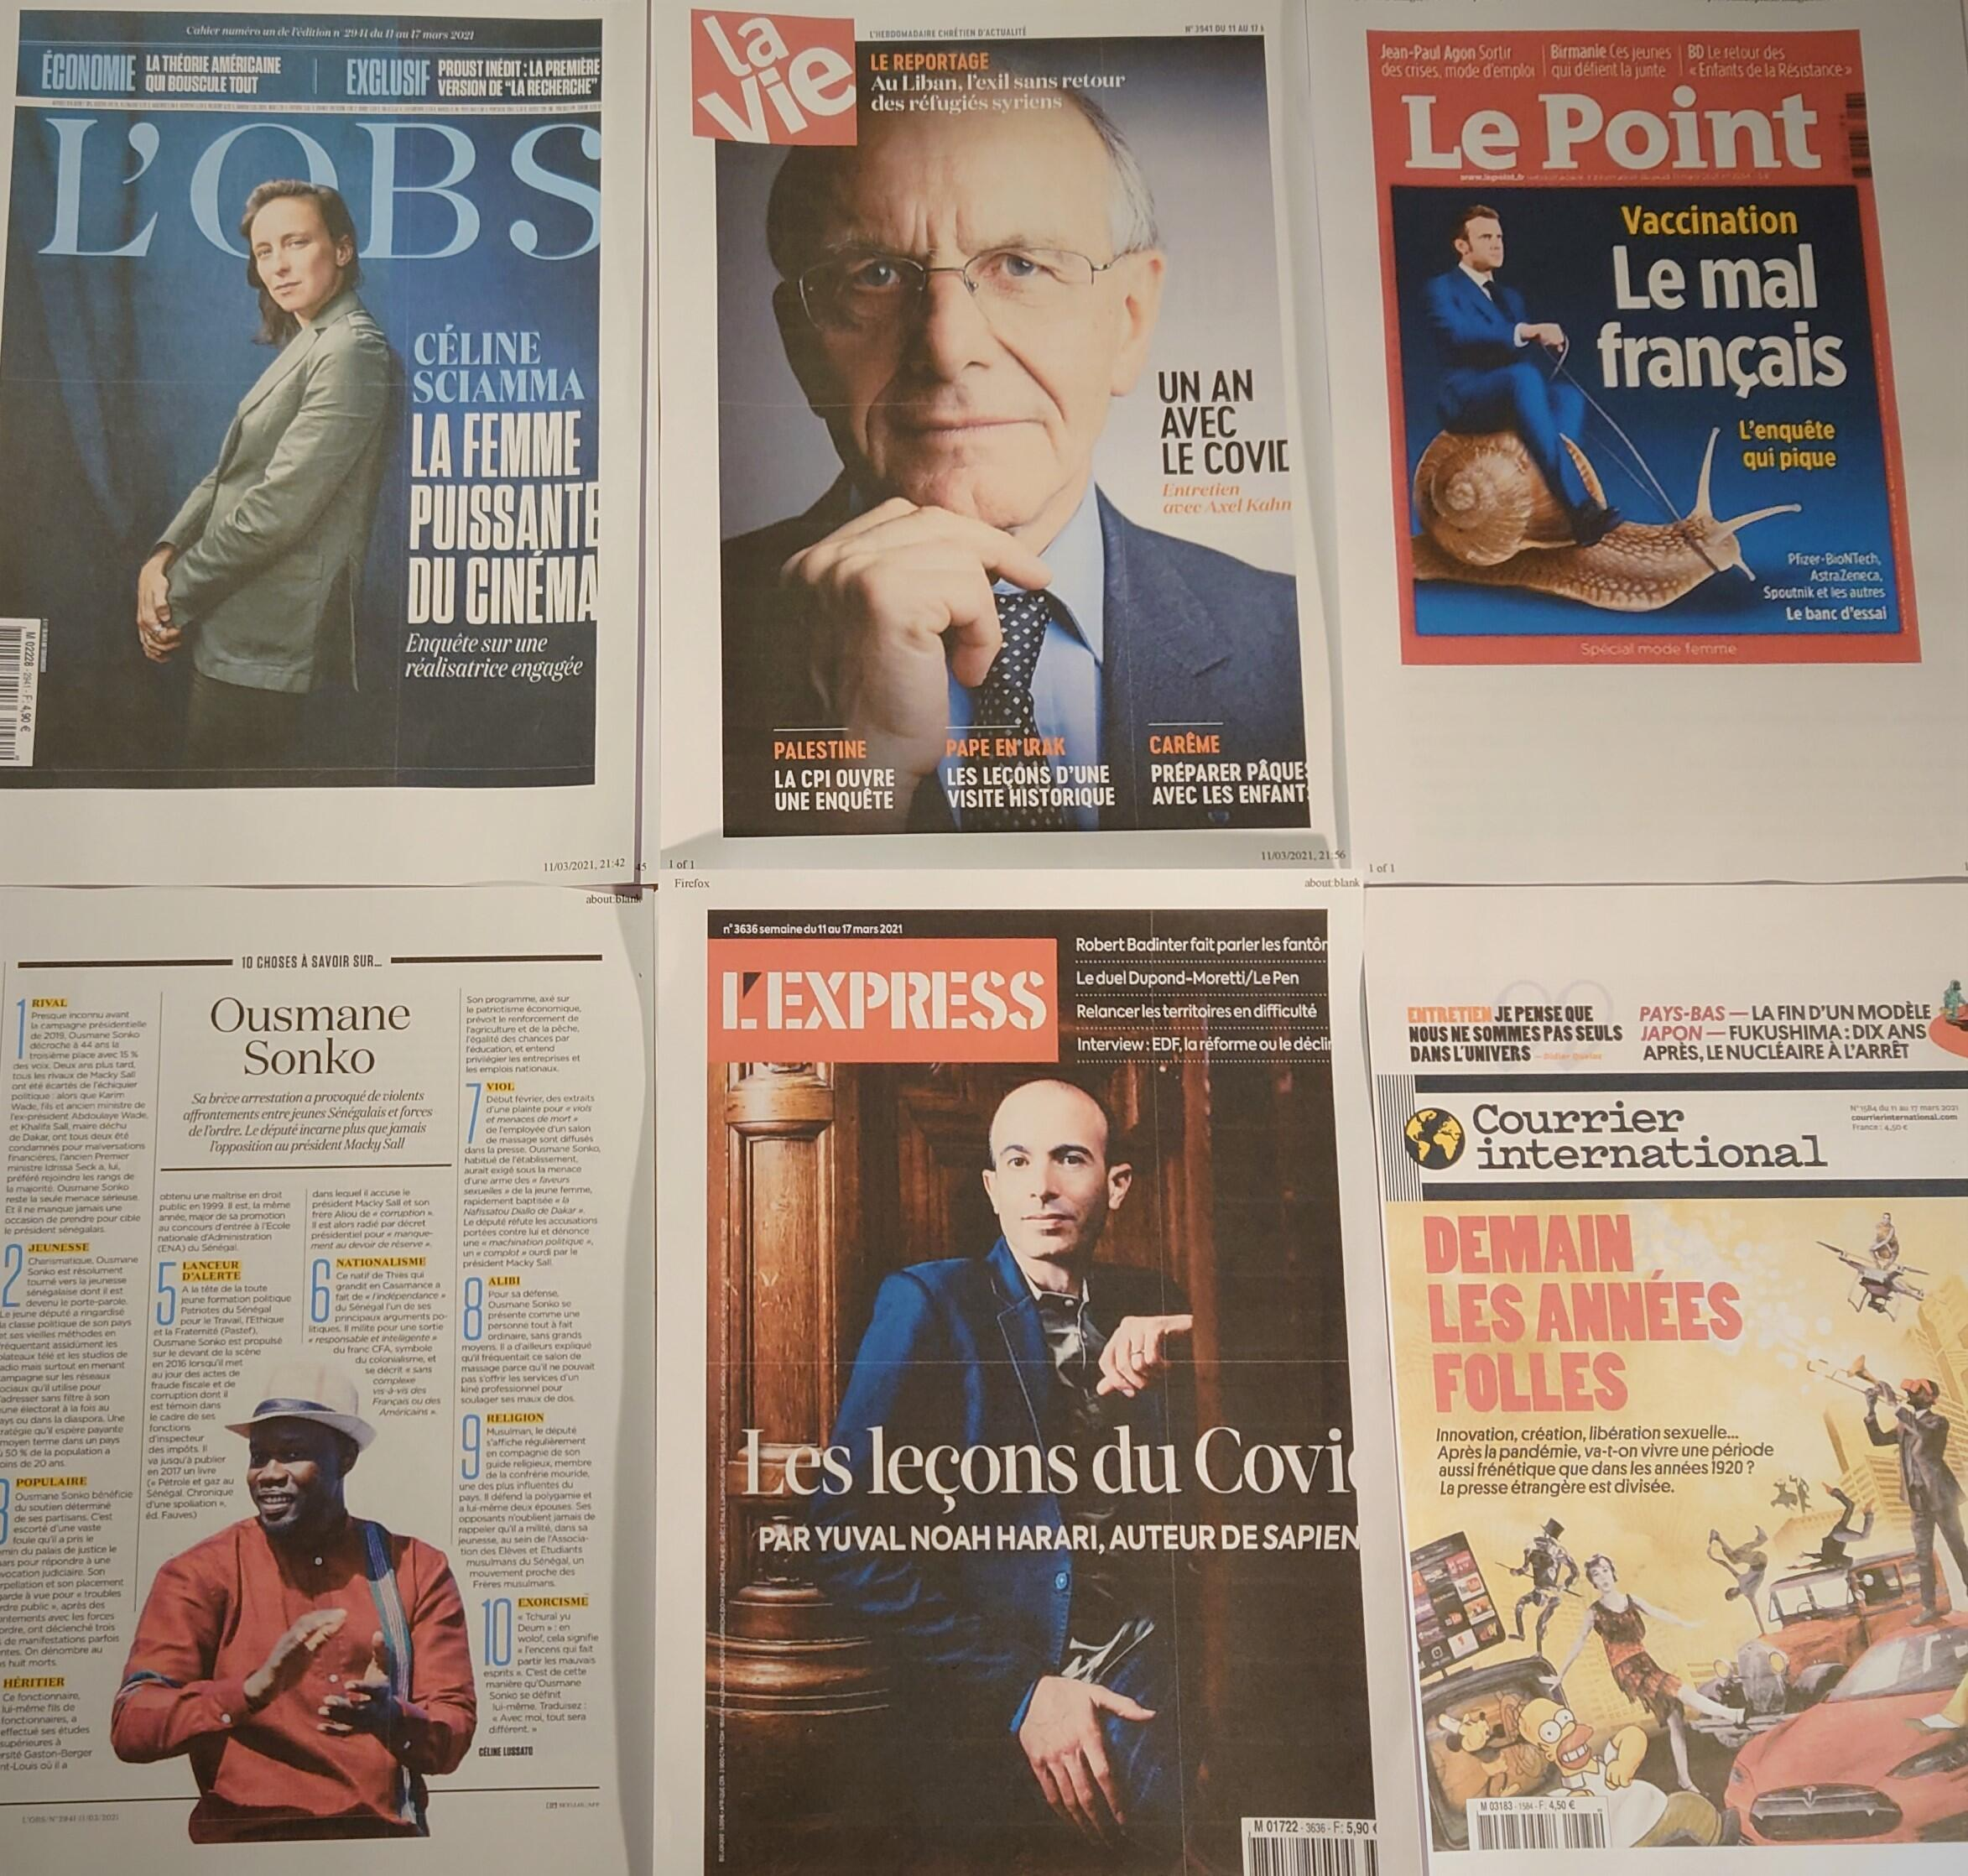 Semanários  franceses  13 03 2021